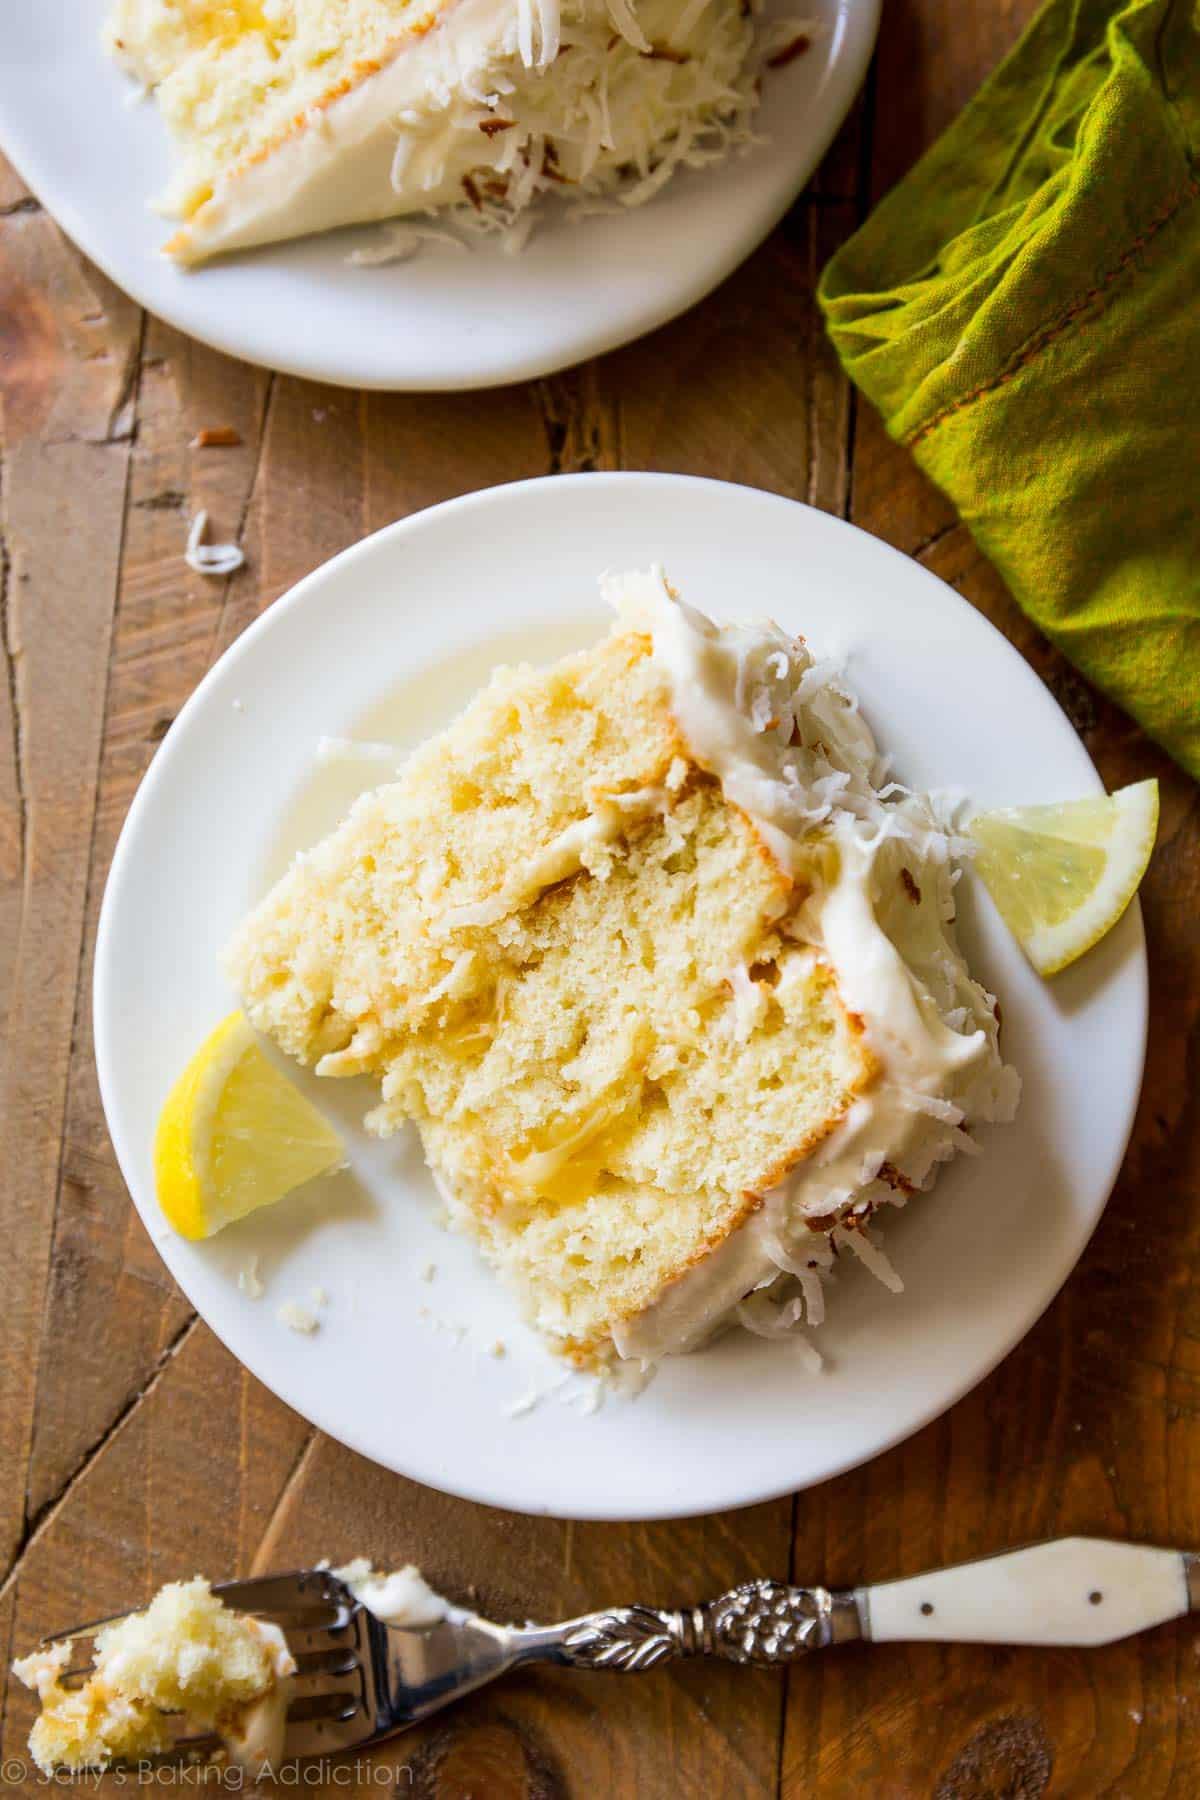 Coconut Flour Cake With Lemon Curd